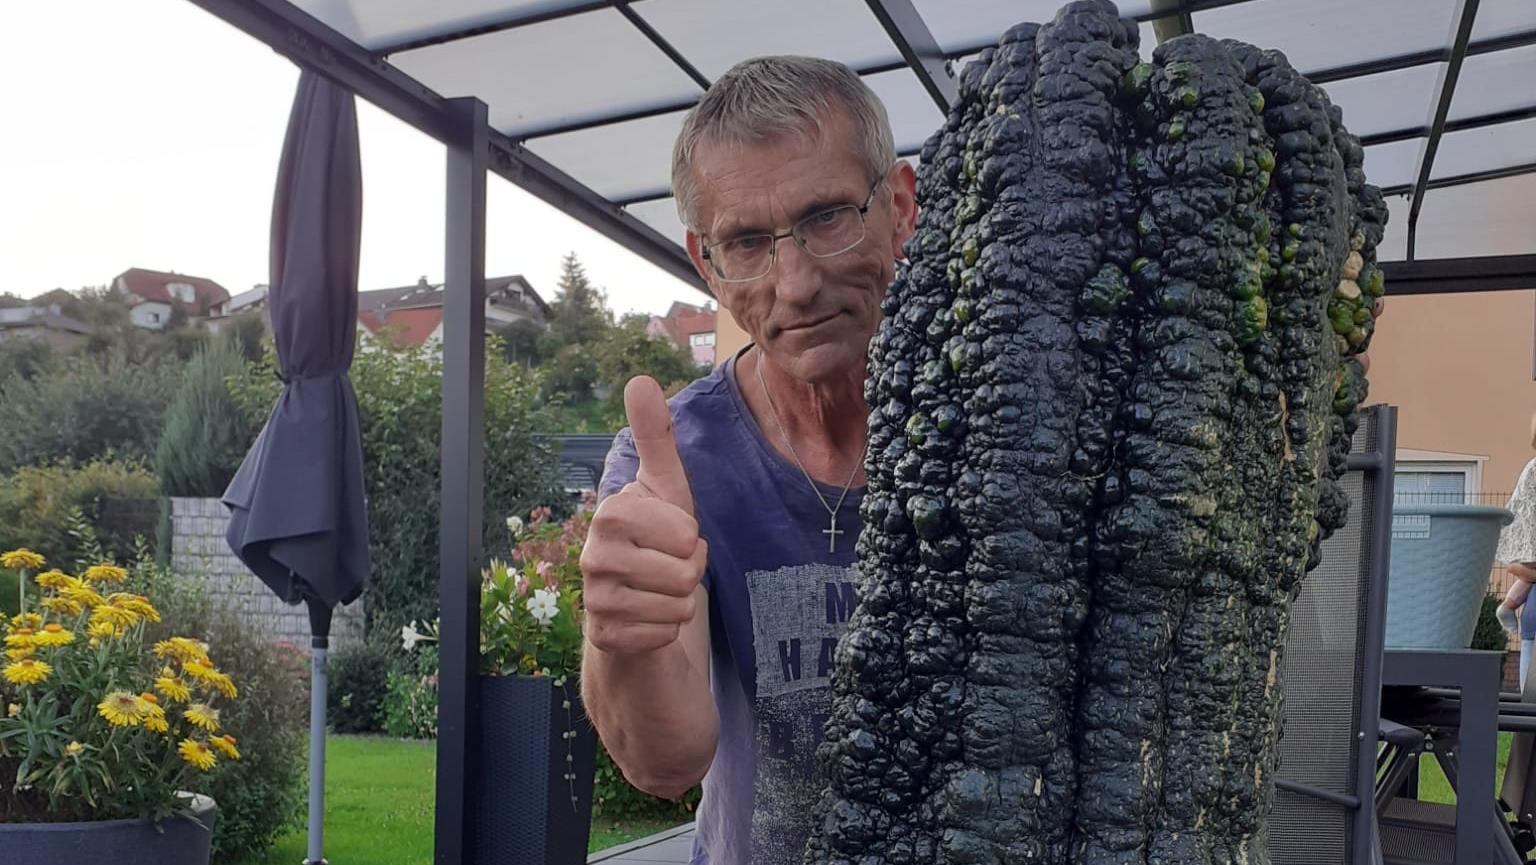 rekord-gemuse-aus-sinntal-helmut-mahrs-zucchini-wiegt-592-kg